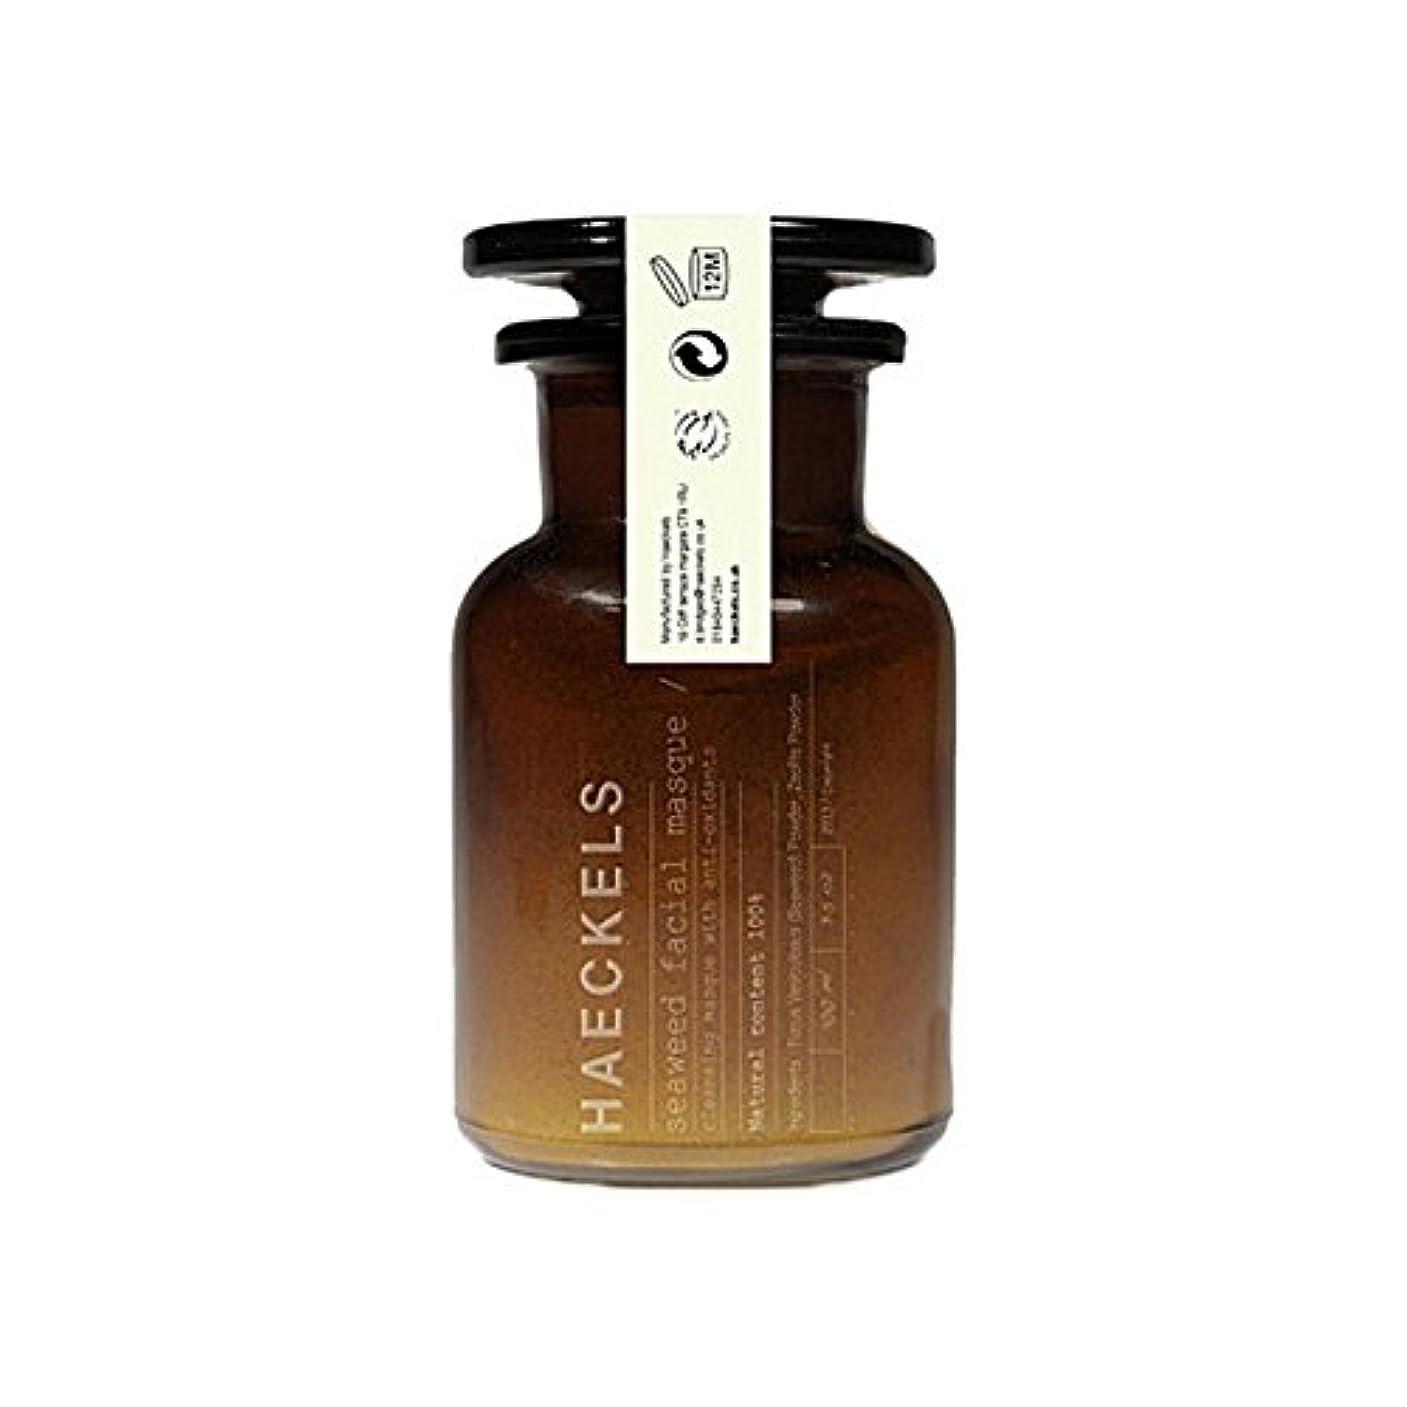 選ぶお香買う海藻やミネラルフェイスマスク100ミリリットルを x4 - Haeckels Seaweed And Mineral Face Mask 100Ml (Pack of 4) [並行輸入品]